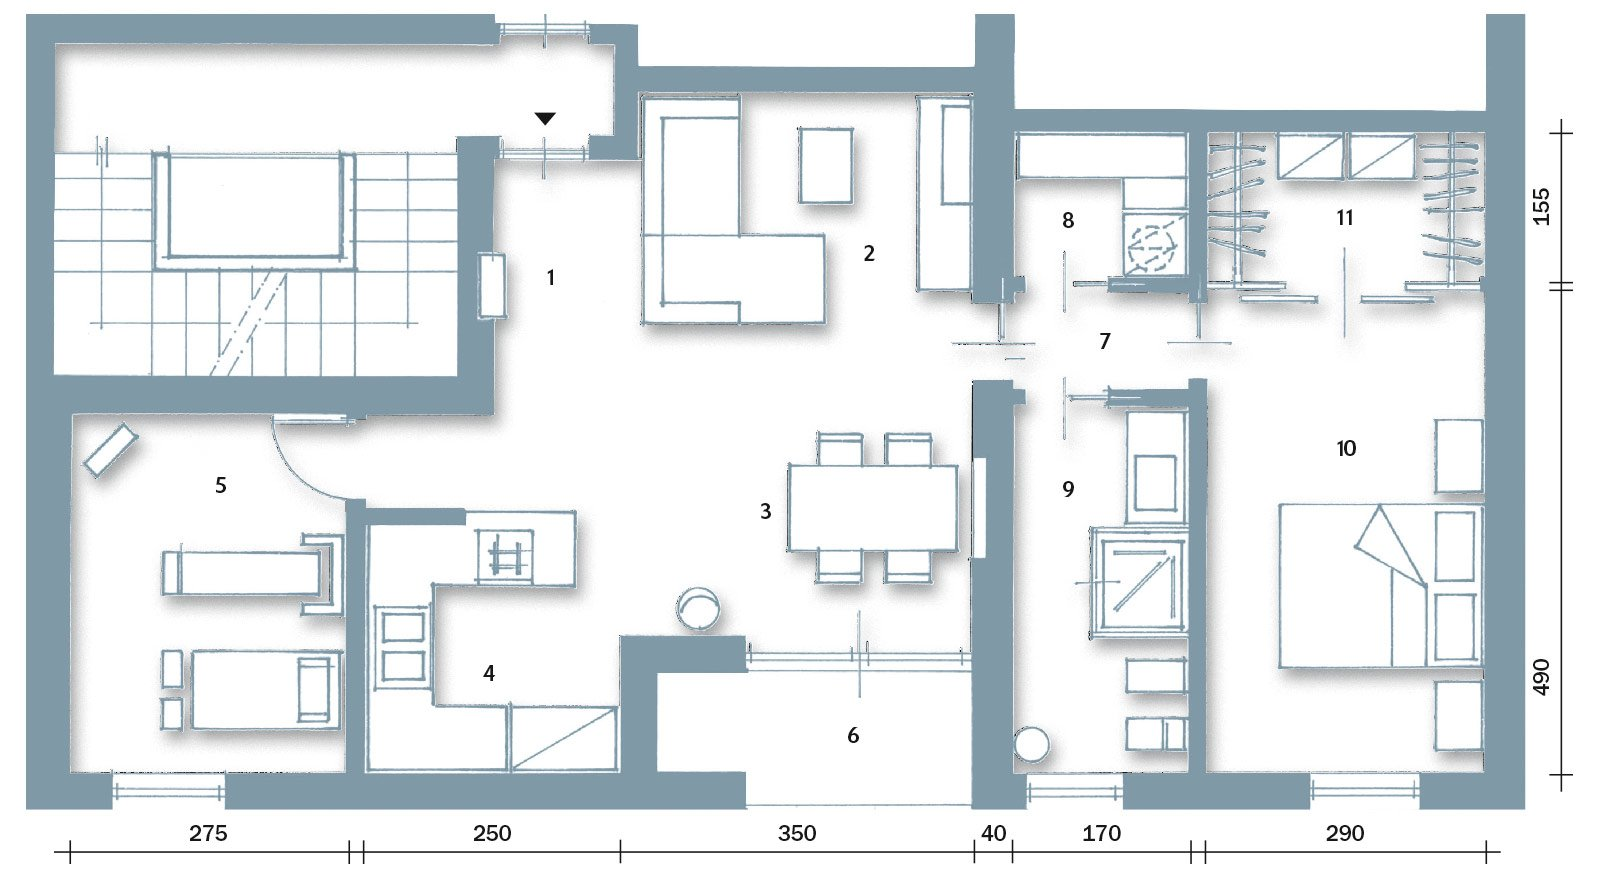 Casa con 10 trucchi 83 mq sembrano pi grandi cose di for Grandi planimetrie per le case